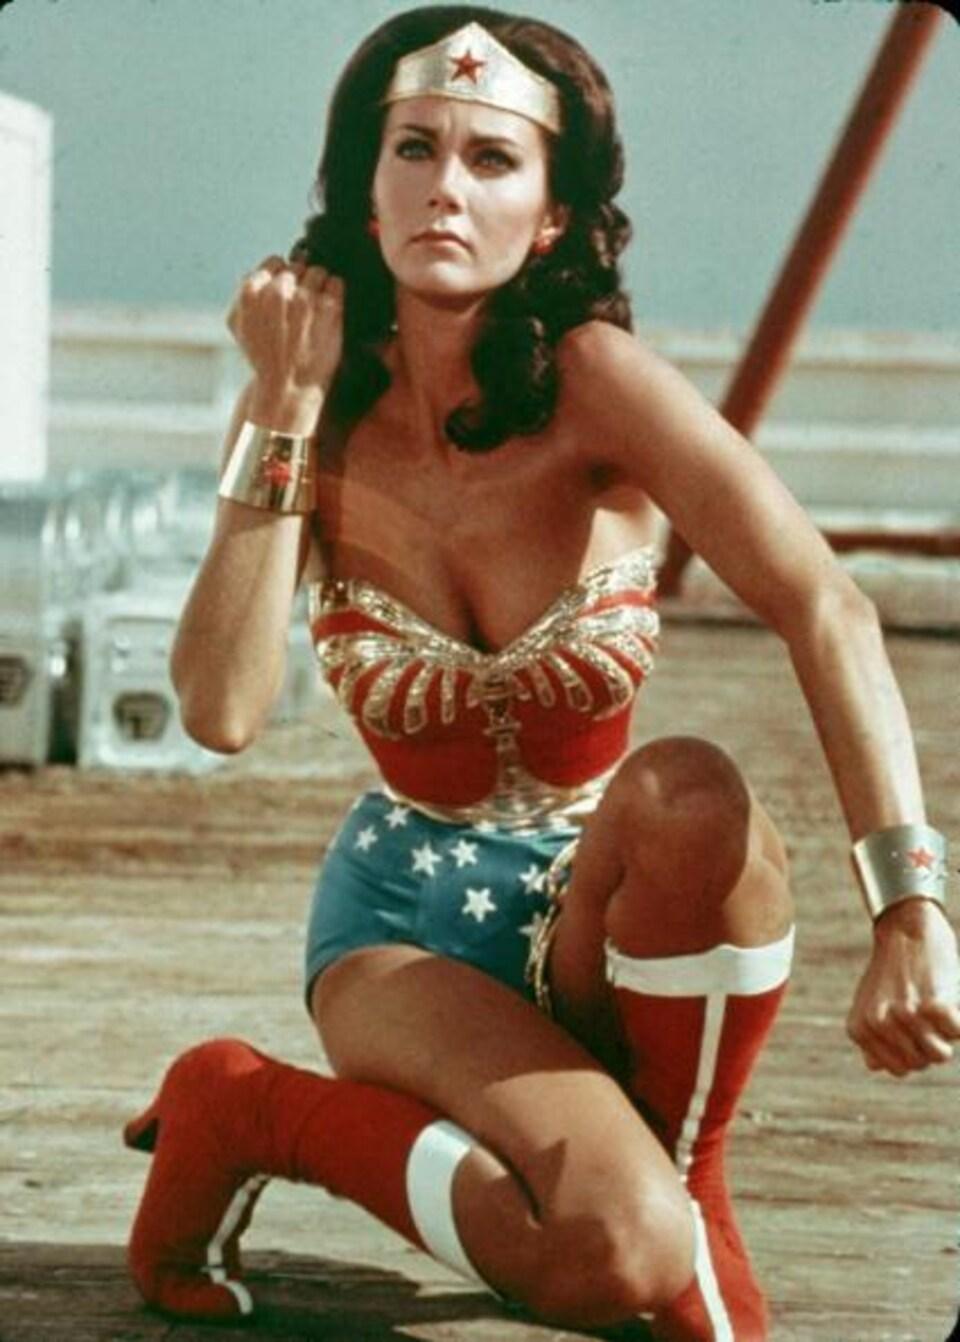 L'actrice Lynda Carter dans son costume de Wonder Woman dans une scène de l'émission du même nom.